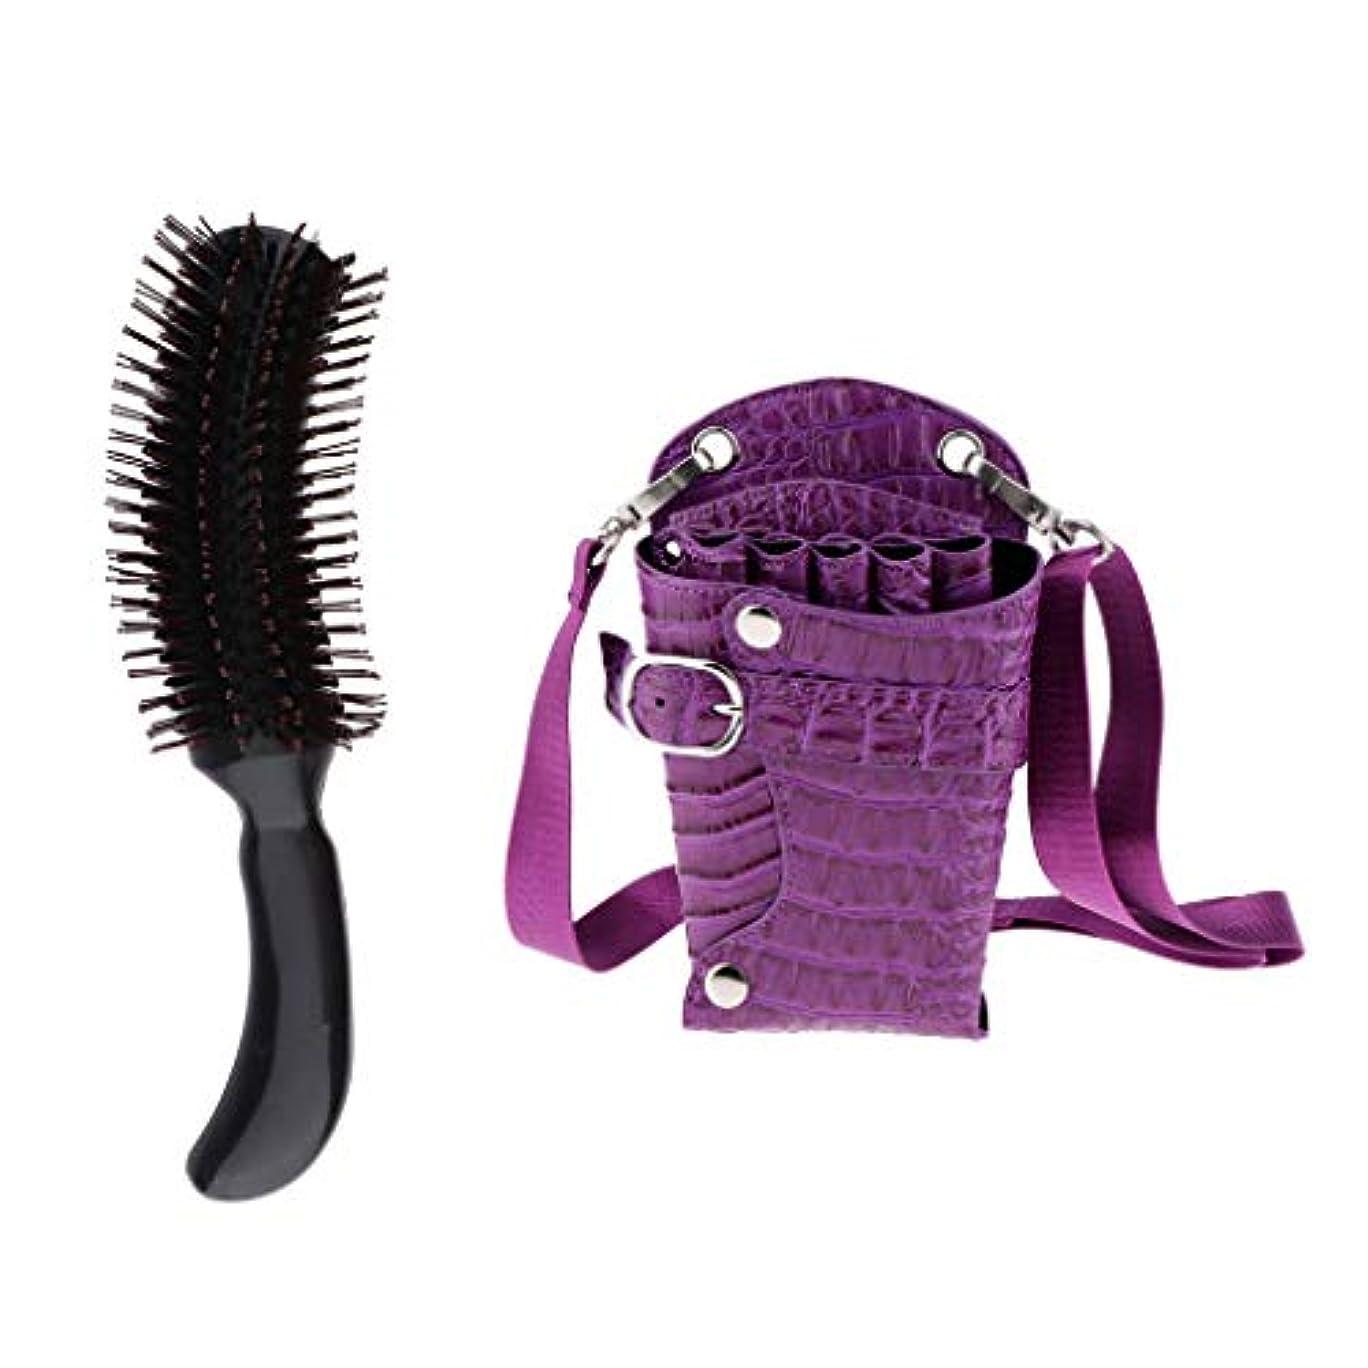 アロングポールコレクションヘアブラシ マッサージブラシ はさみバッグ ツールホルスター 収納ポーチ 紫